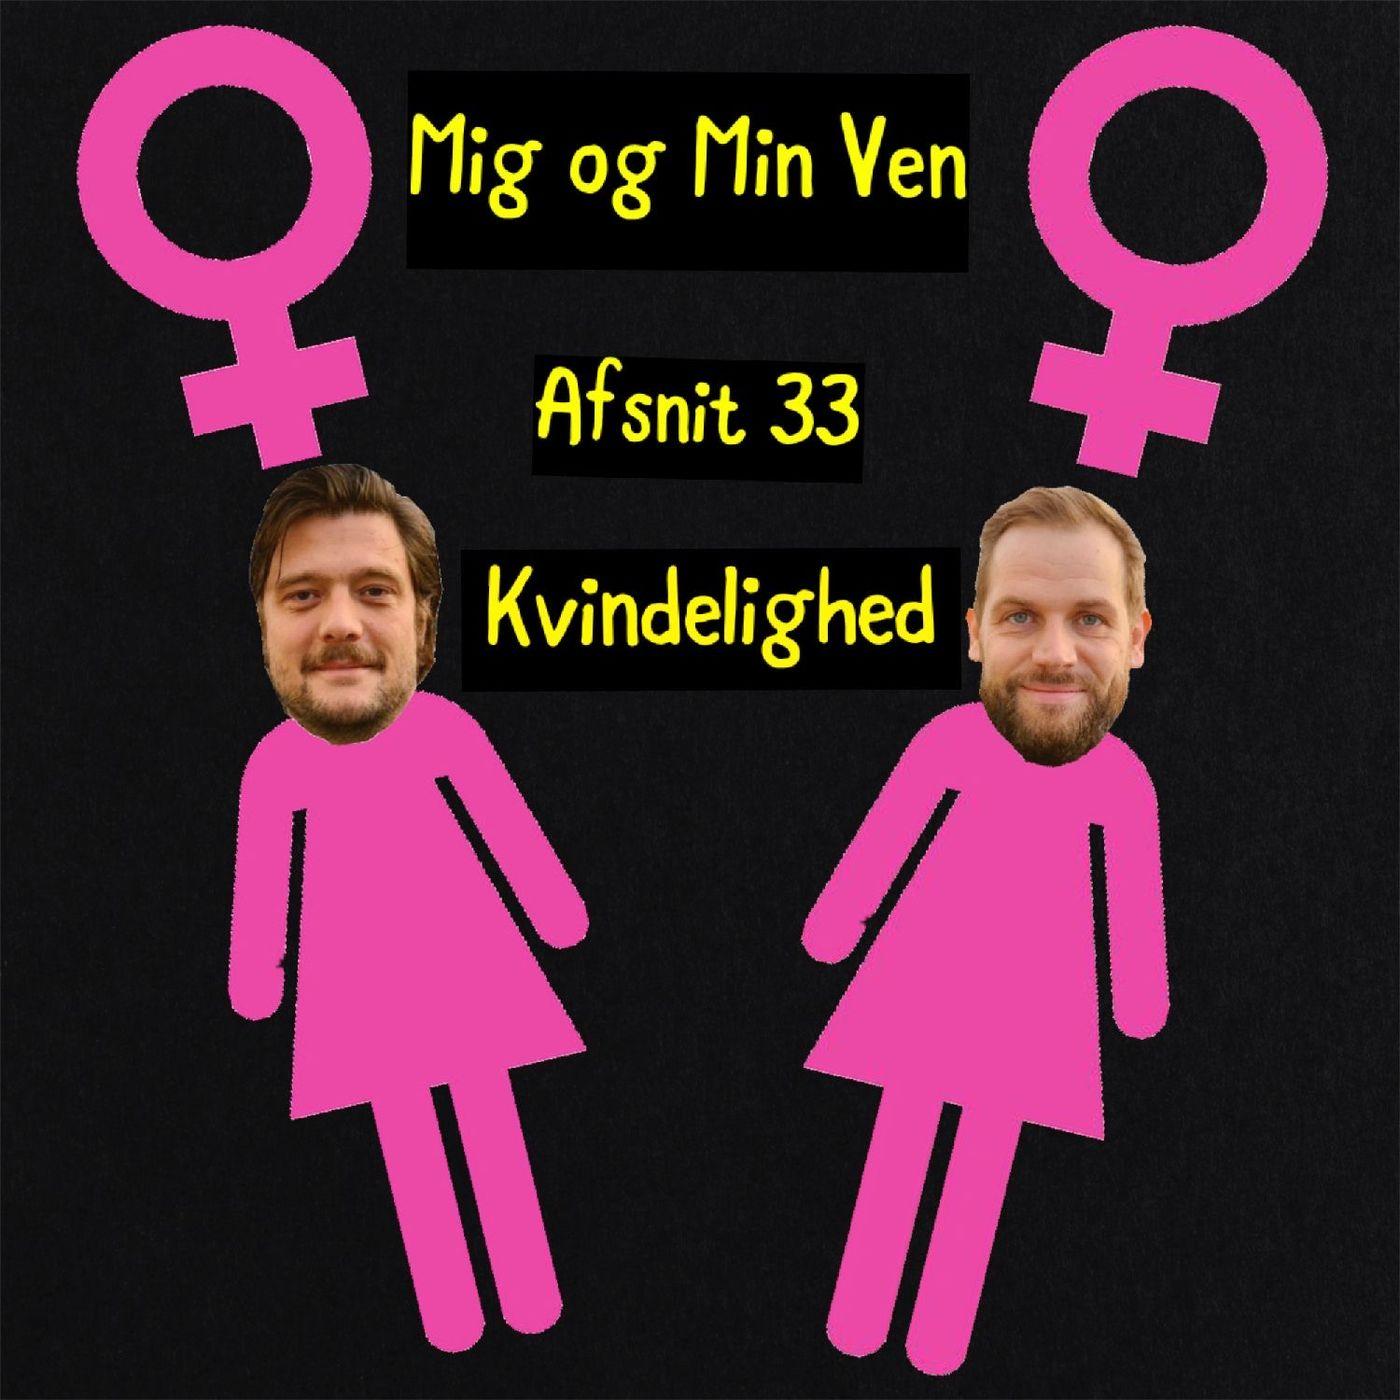 Afsnit 33 - Kvindelighed